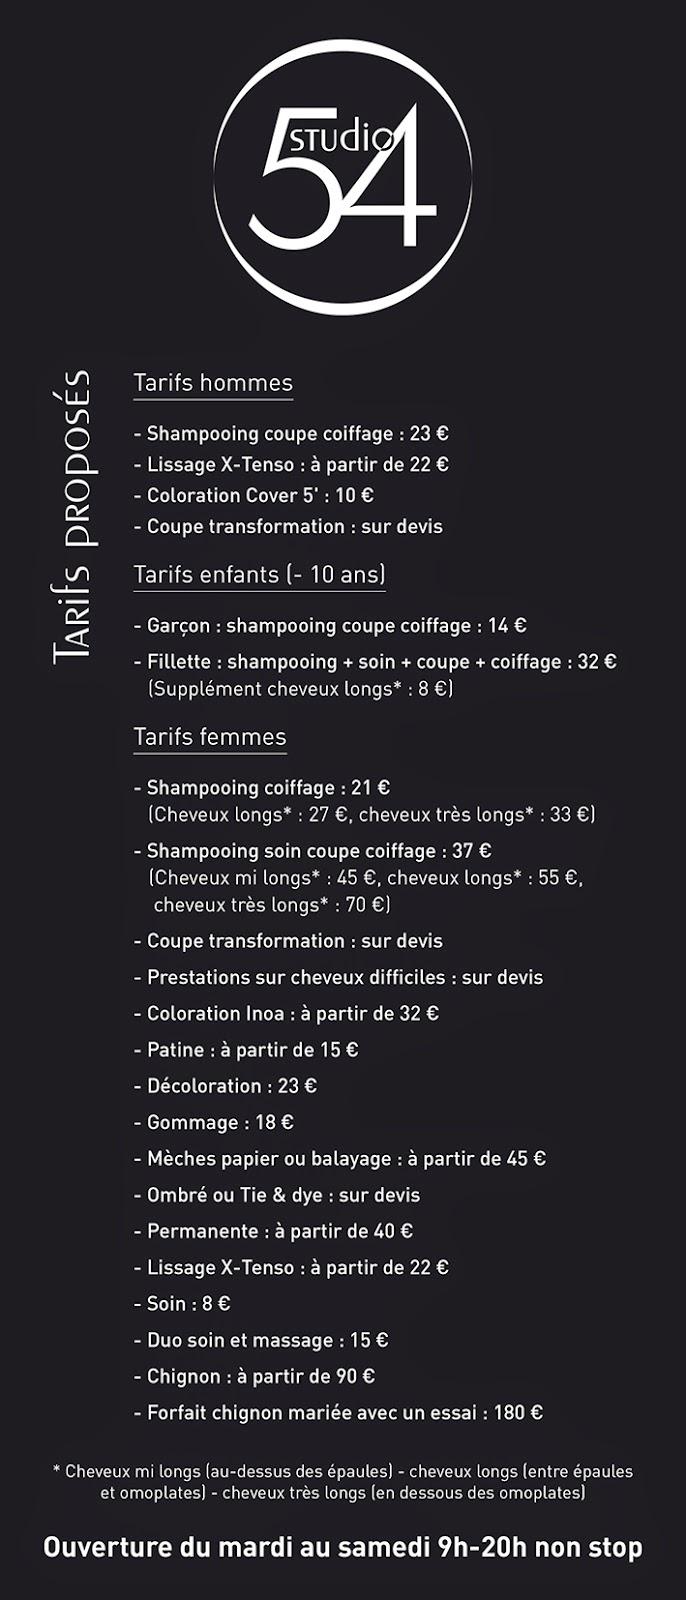 Nouveaux tarifs appliqués depuis le 01 décembre 2014.